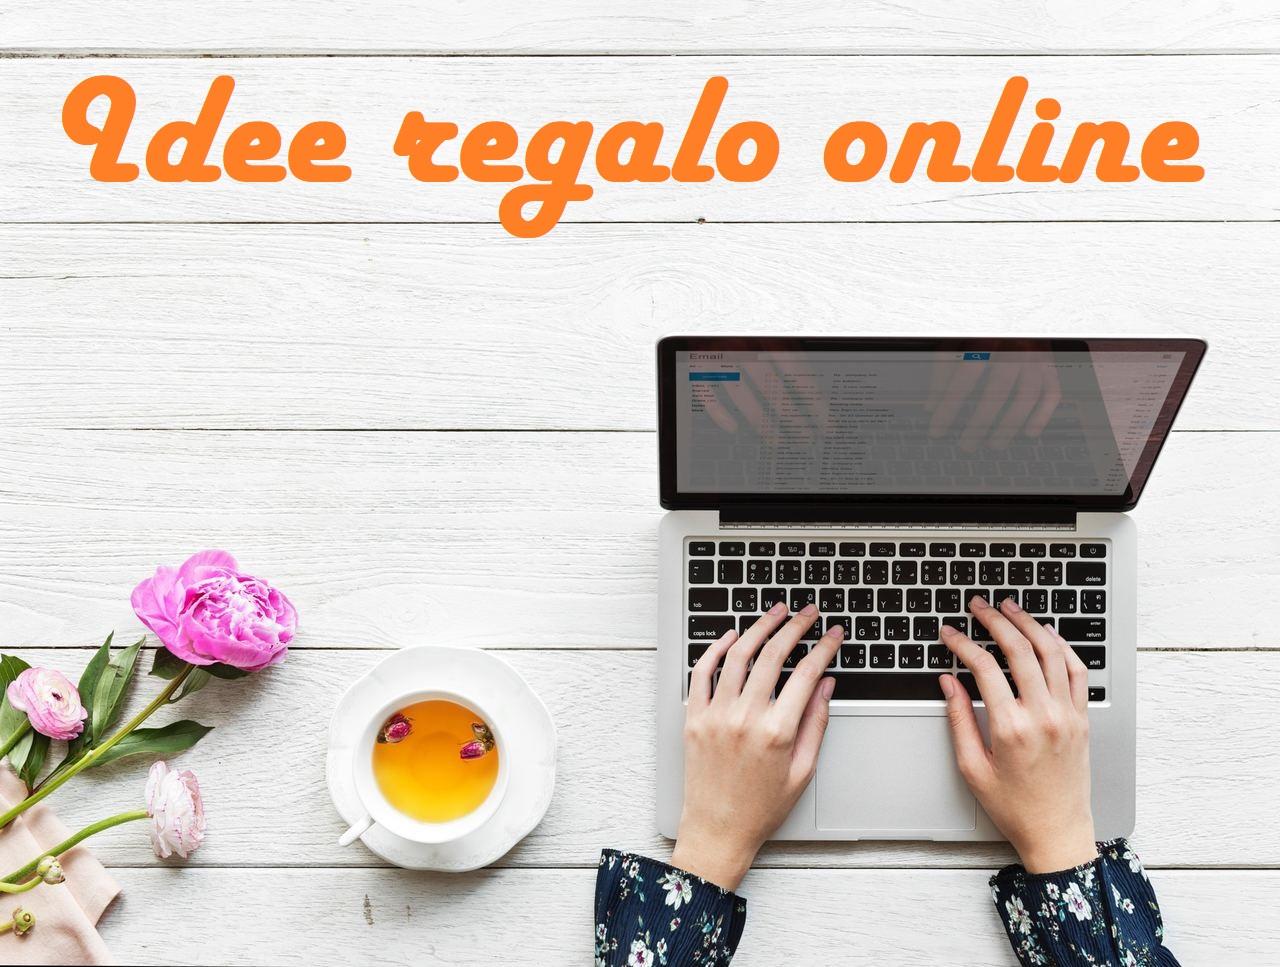 idee regalo online